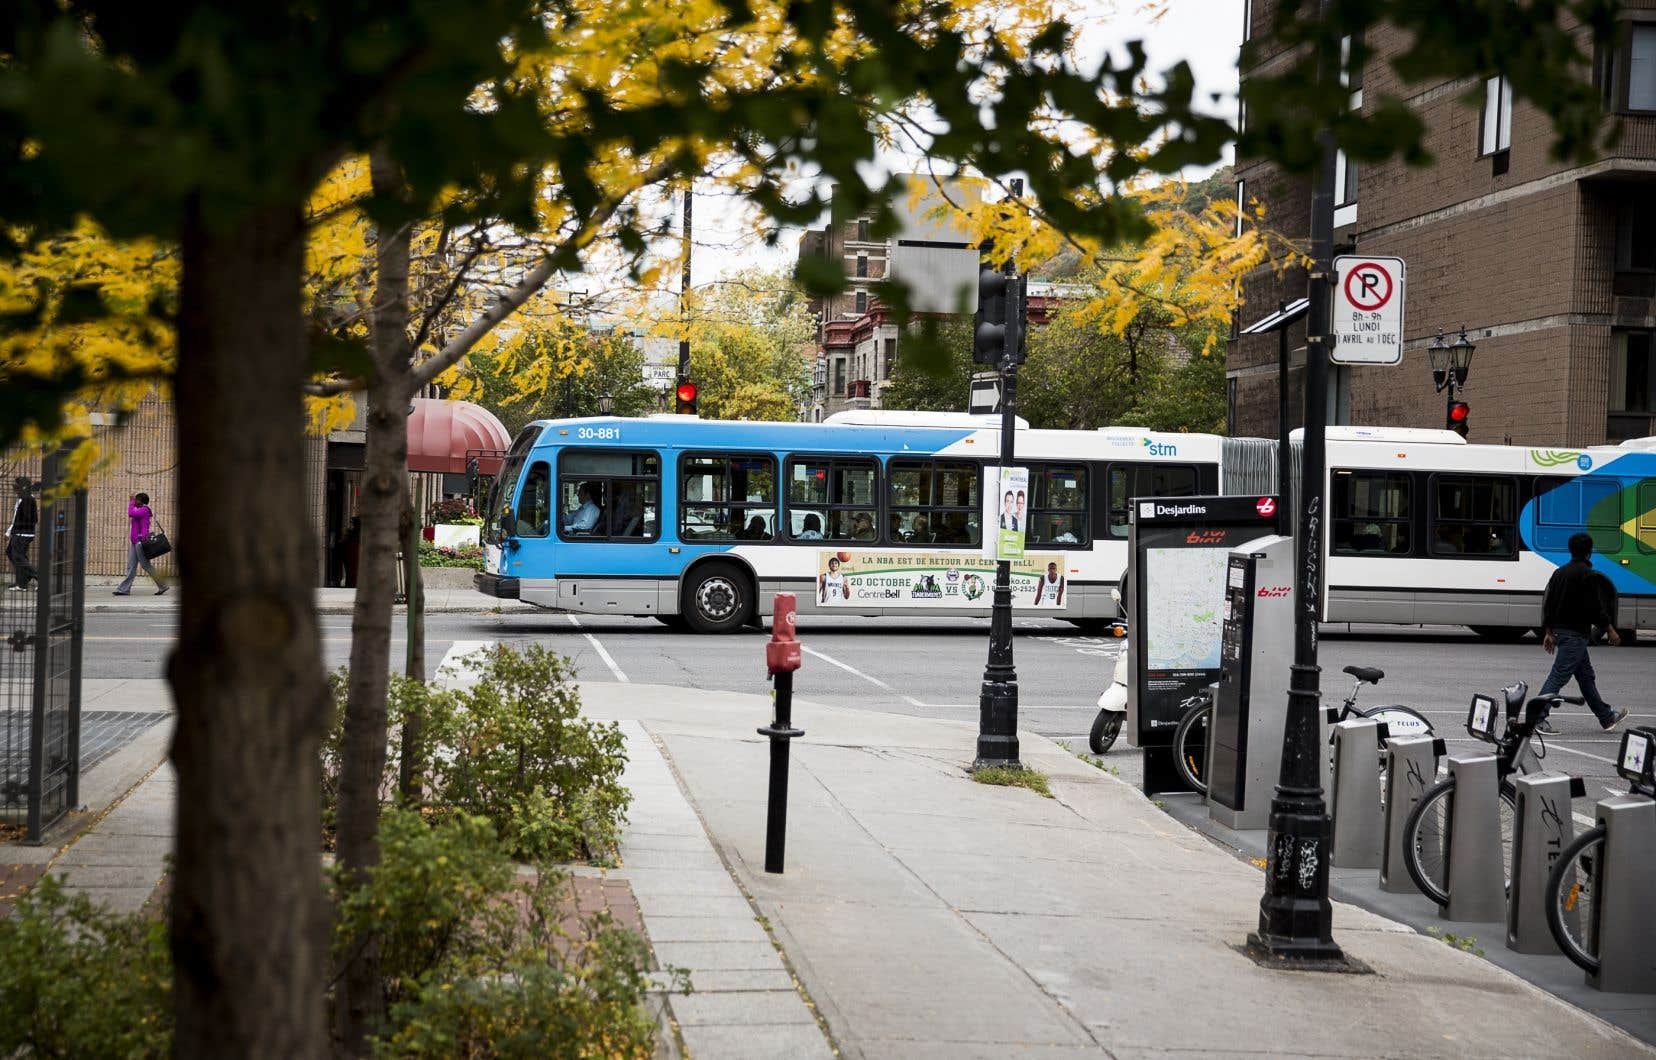 Dans le Grand Montréal, les pertes pourraient atteindre plus de 500millions de dollarsen raison de la chute de l'achalandage.